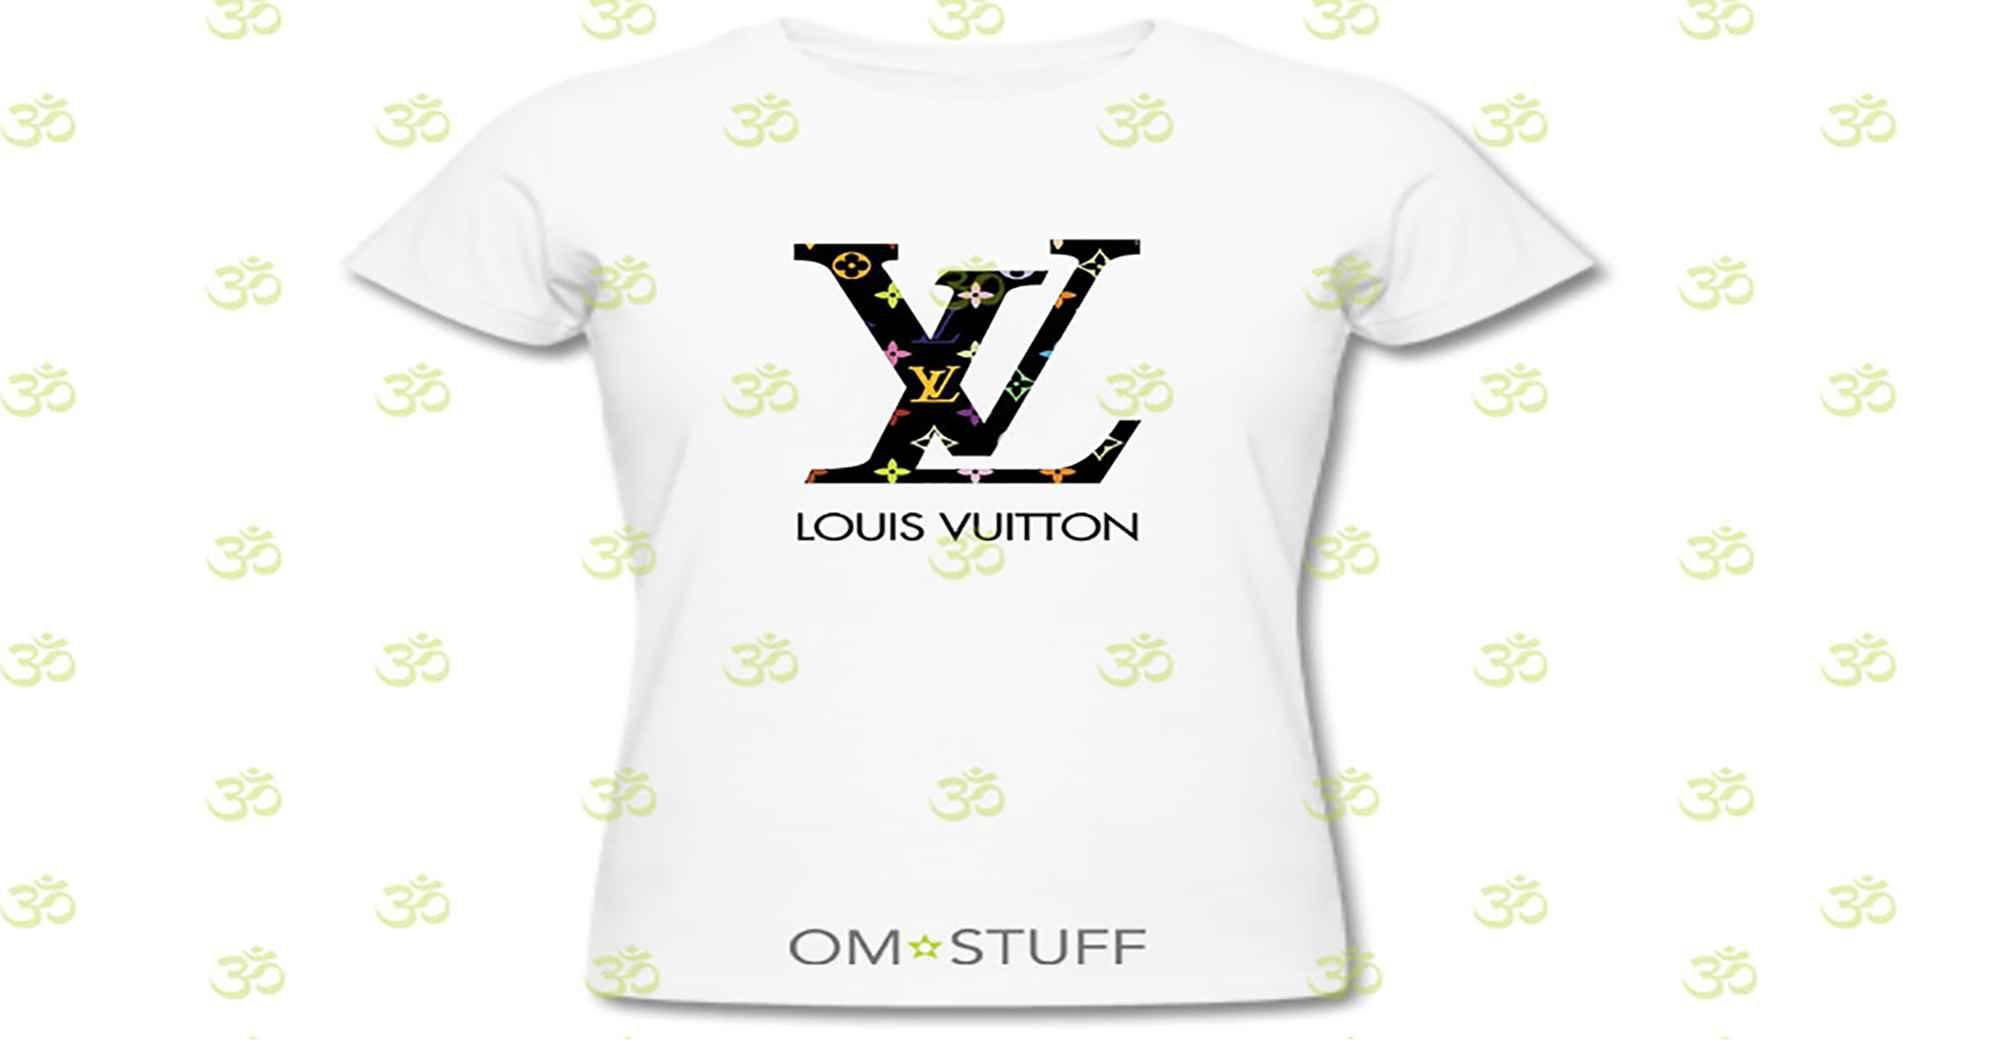 Louis Vuitton Svg Bundle Louis Vuitton Svg Louis Vuitton Logo